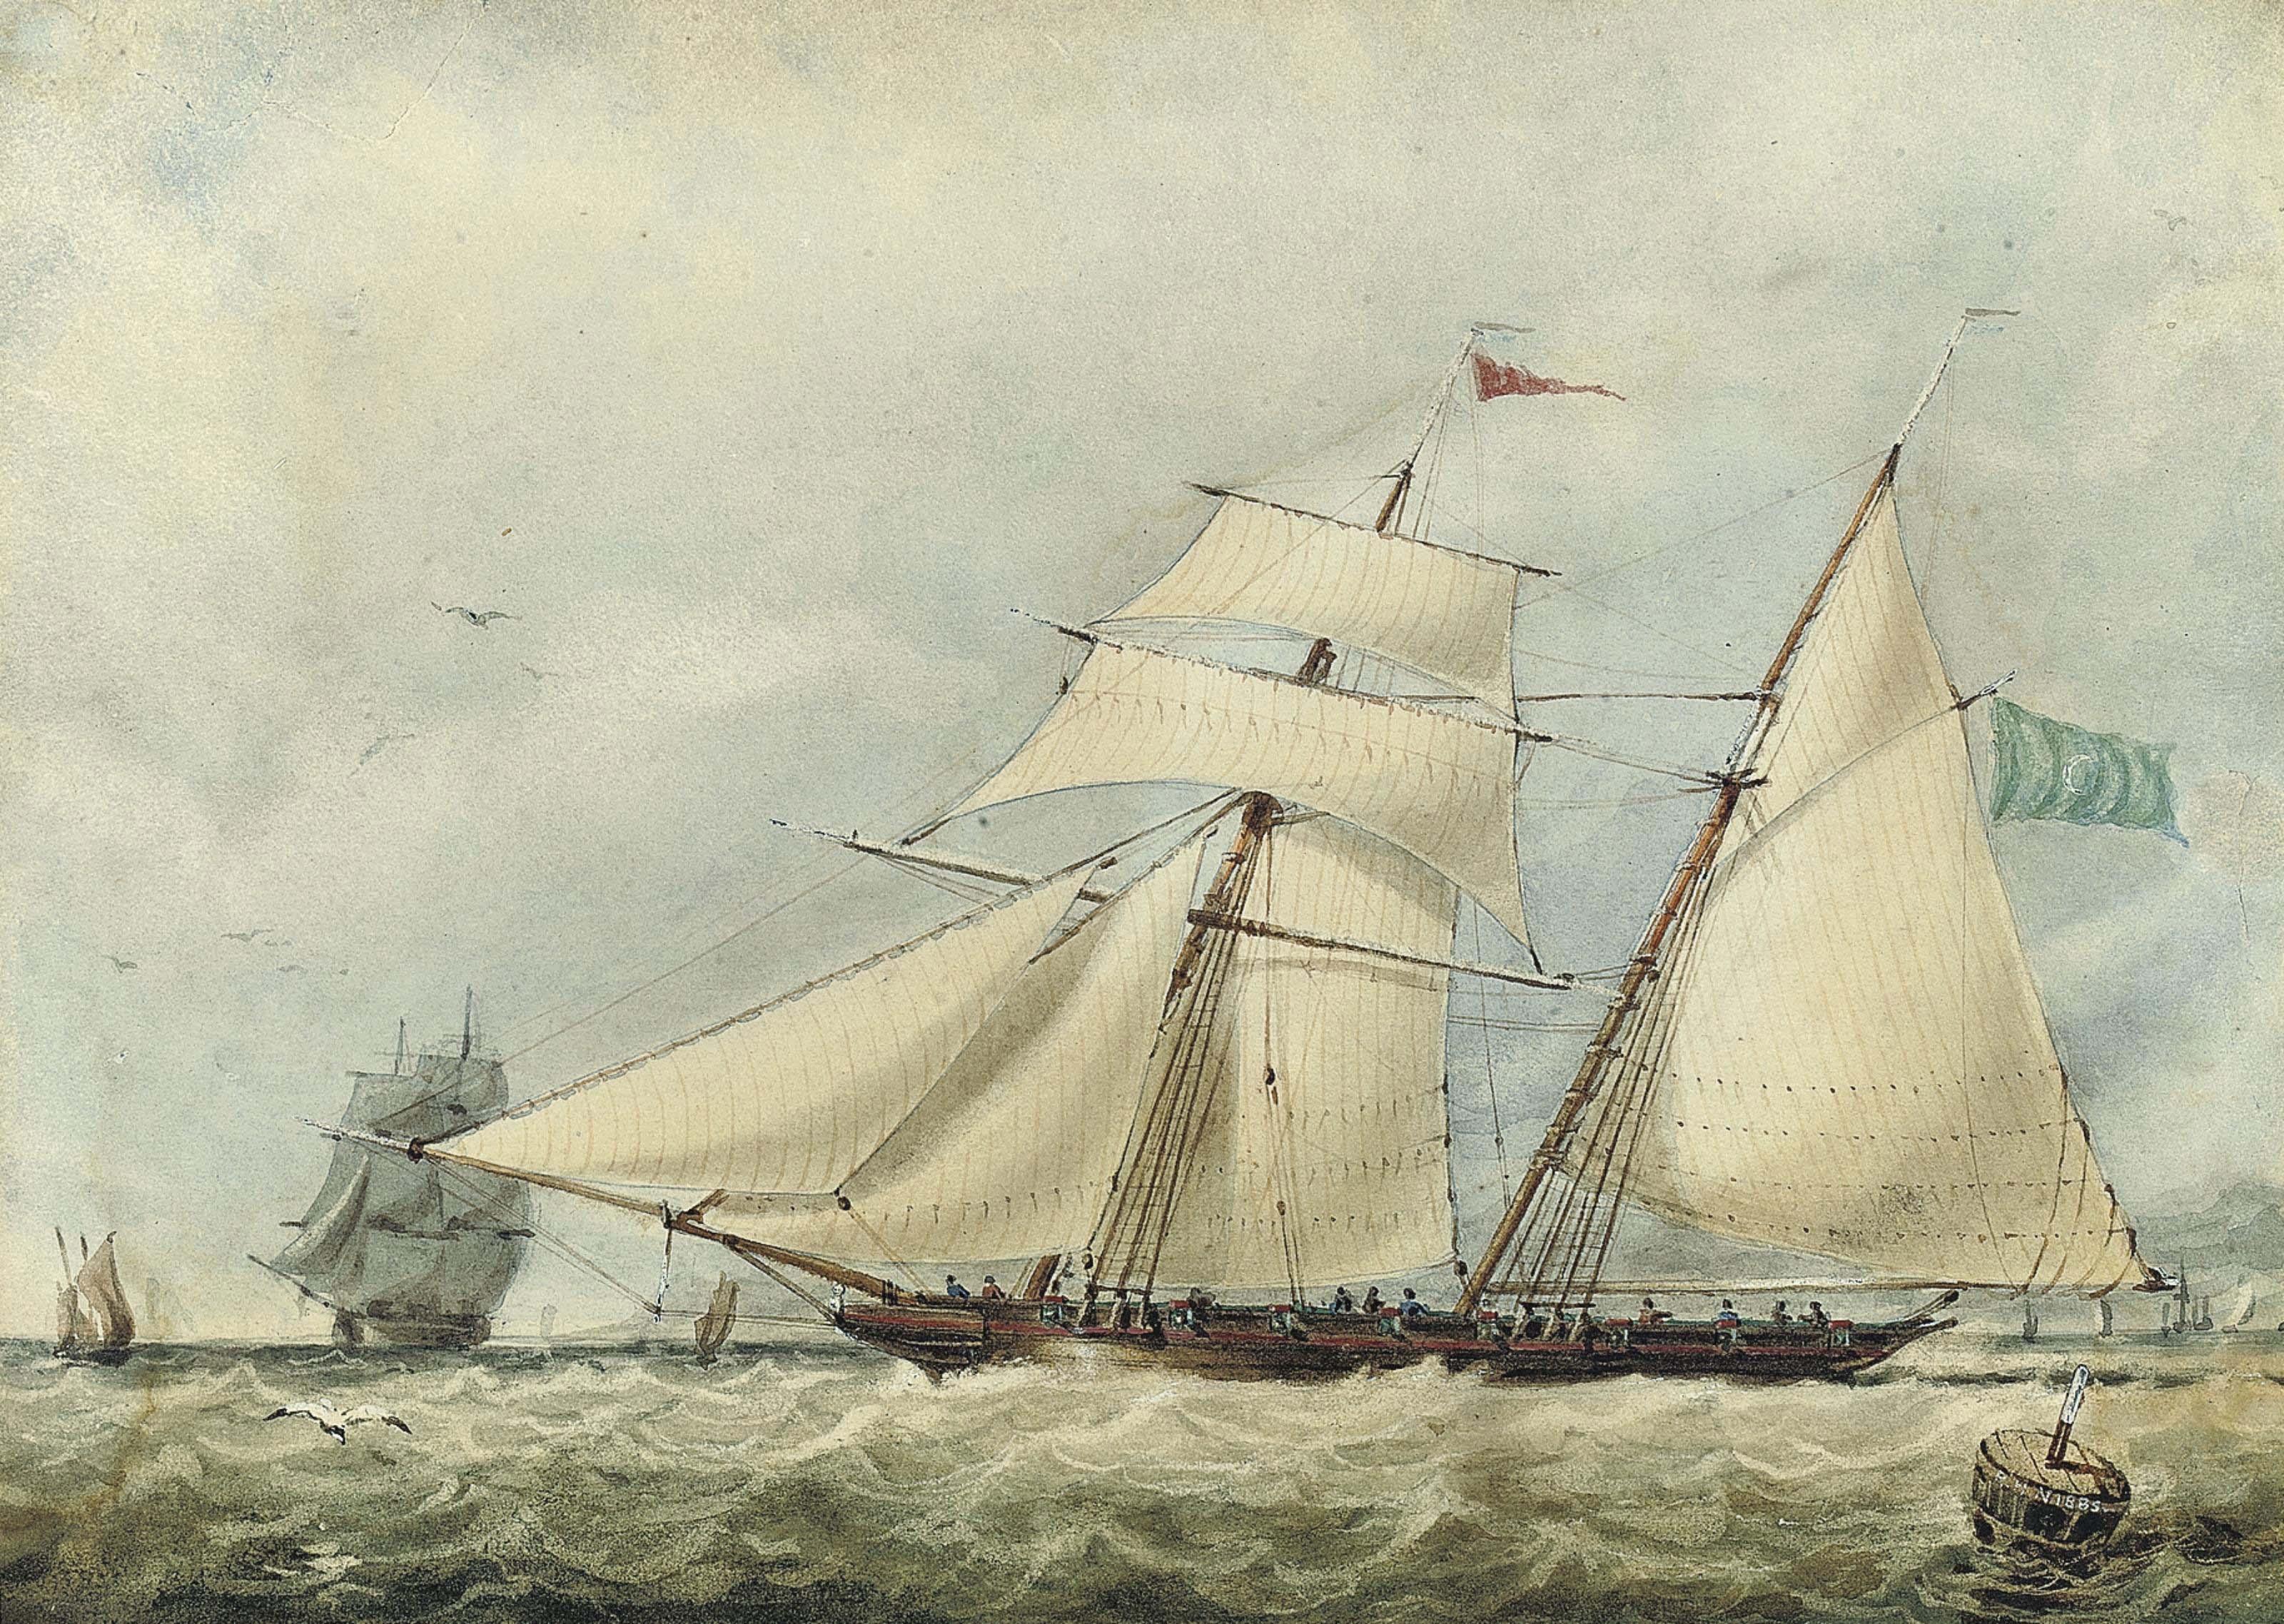 A topsail schooner in coastal waters